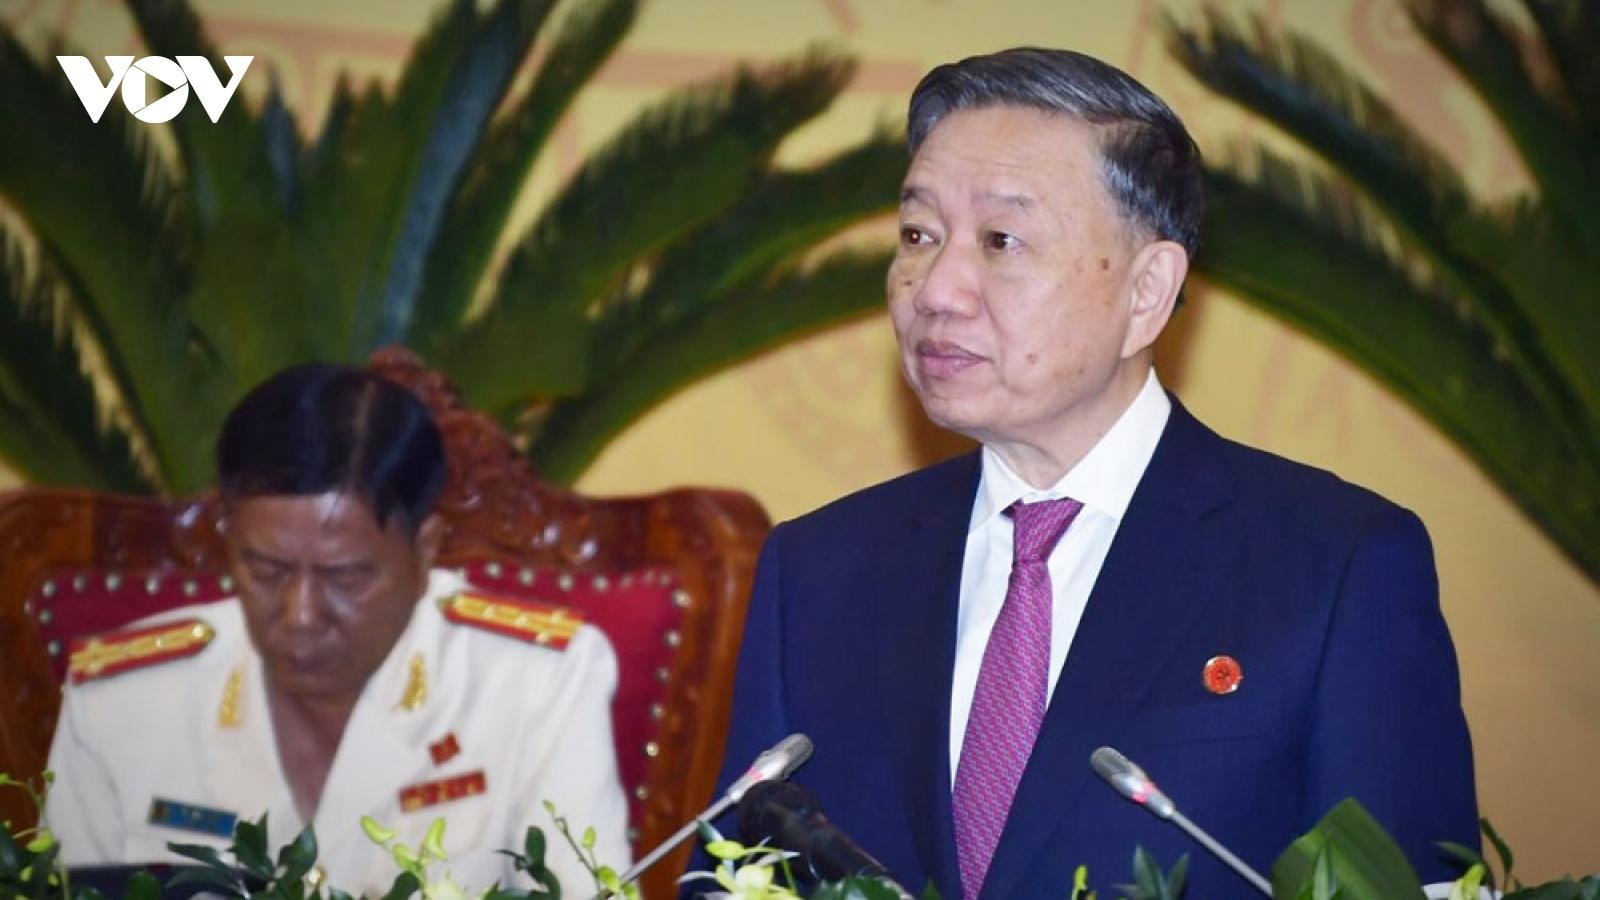 Đại tướng Tô Lâm: Cà Mau cần nhận rõ thời cơ, thách thức để phát triển